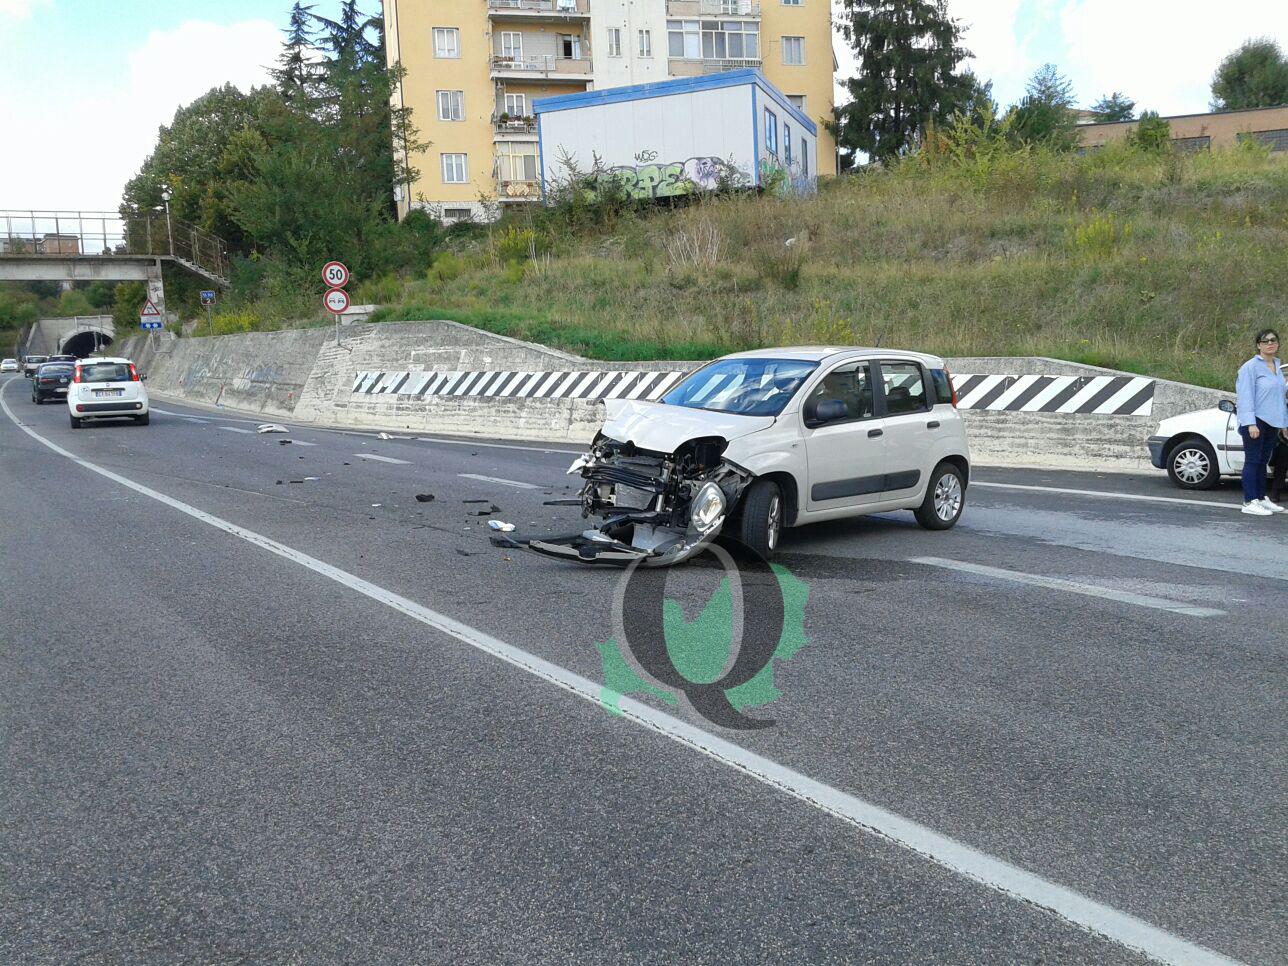 Scontro in tangenziale, feriti i conducenti: veicoli sulle auto in sosta